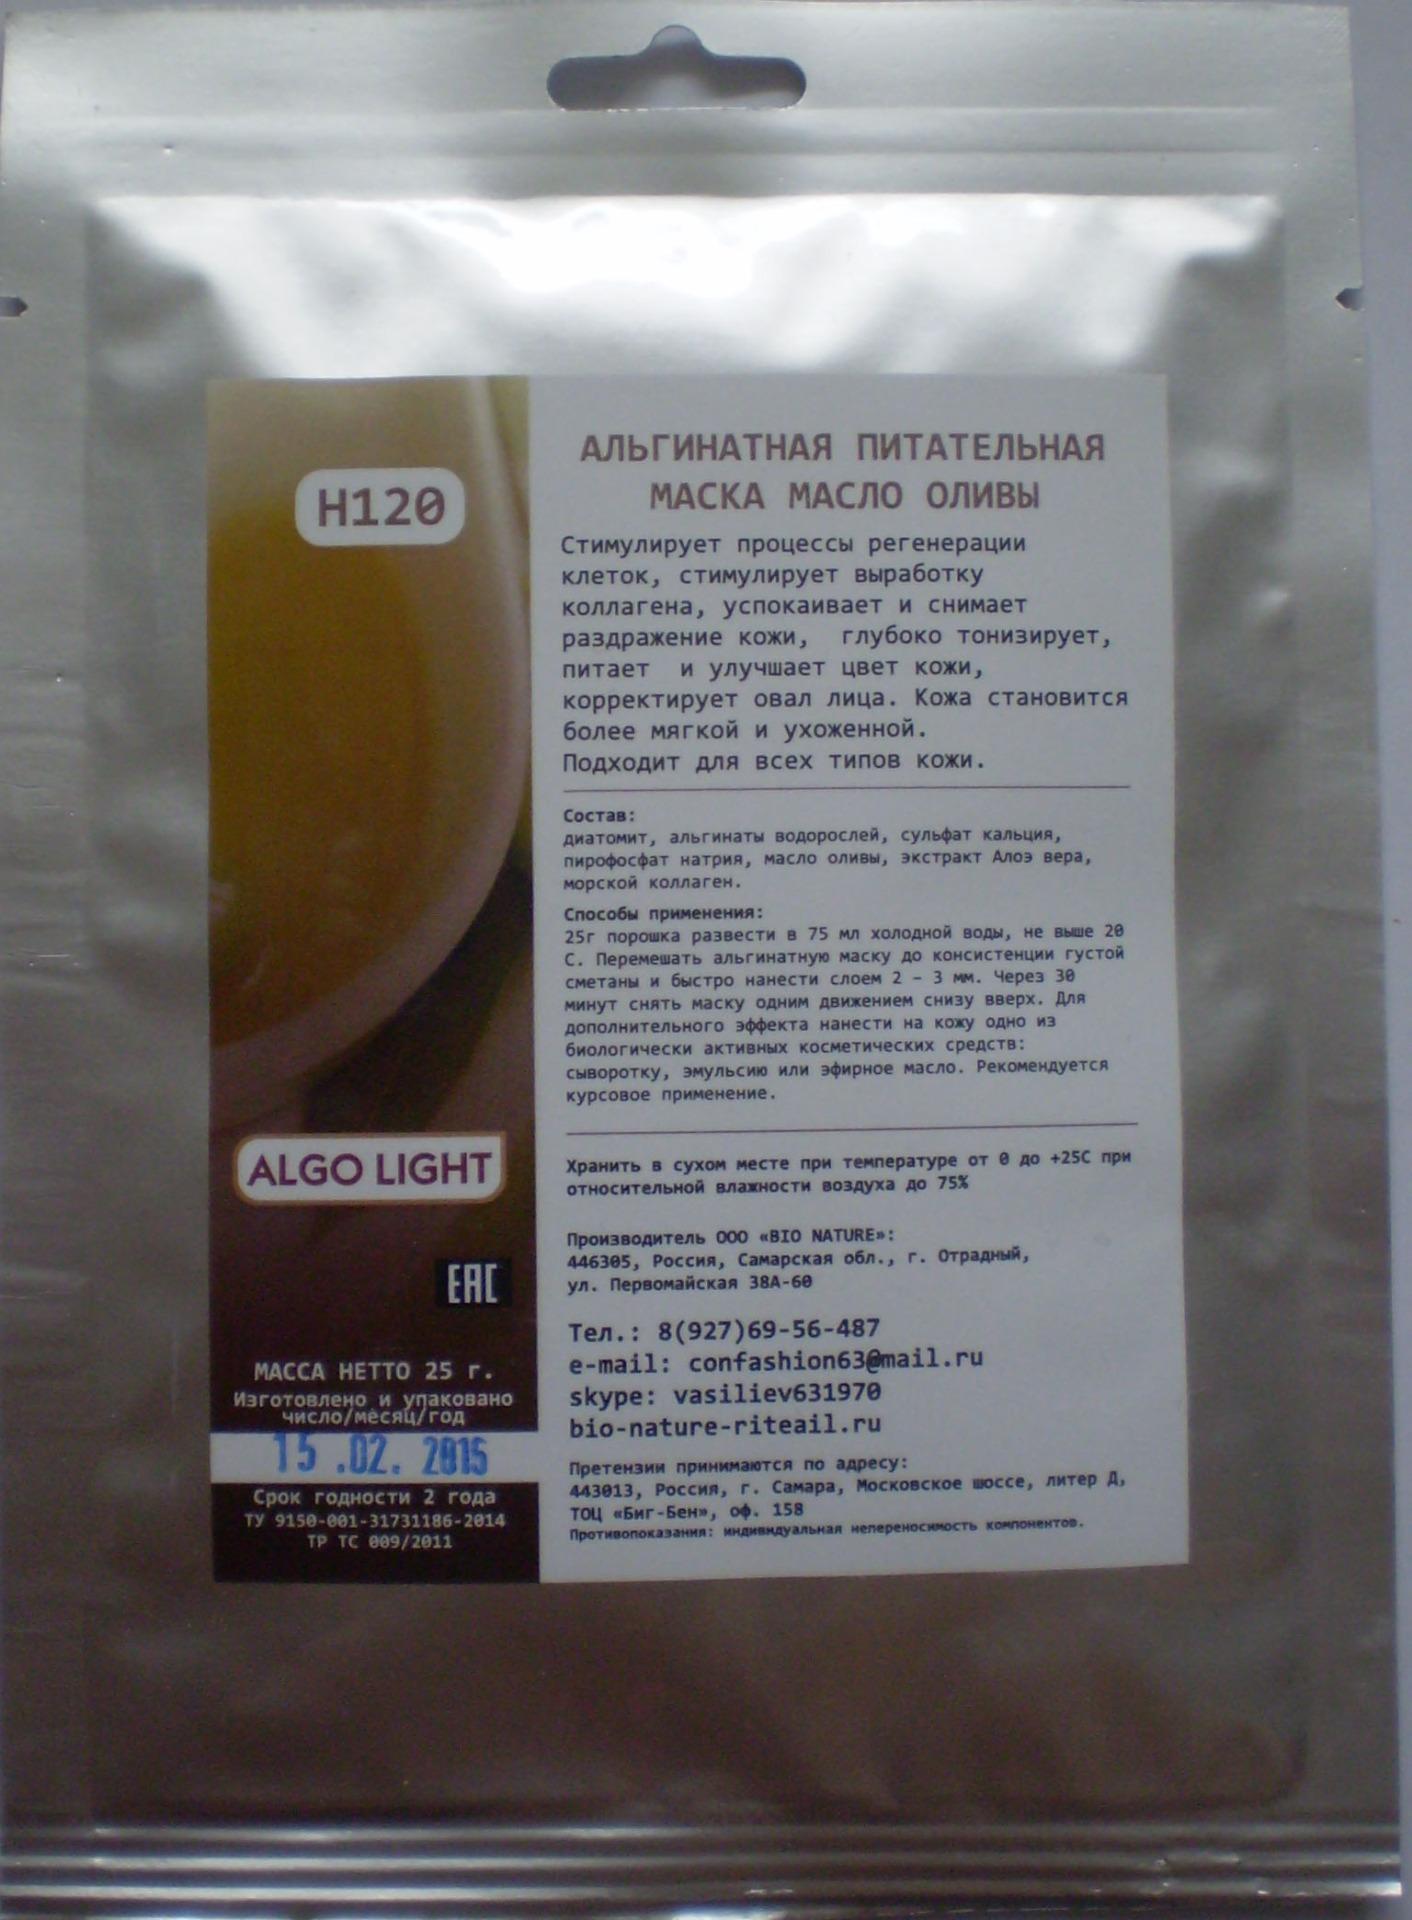 ALGO LIGHT Маска питательная масло оливы / ALGO LIGHT 25 грМаски<br>Воздействие: стимулирует процессы регенерации клеток, стимулирует выработку коллагена, успокаивает и снимает раздражение кожи, глубоко тонизирует, питает и улучшает цвет кожи, корректирует овал лица. Кожа становится более мягкой и ухоженной. Область применения: для всех типов кожи. Активные ингредиенты: диатомит, альгинаты водорослей, сульфат кальция, пирофосфат натрия, масло оливы, экстракт Алоэ вера, морской коллаген. Способ применения: 25г порошка развести в 75 мл холодной воды, не выше 20 С. Перемешать альгинатную маску до консистенции густой сметаны и быстро нанести слоем 2   3 мм. Через 30 минут снять маску одним движением снизу вверх. Для дополнительного эффекта нанести на кожу одно из биологически активных косметических средств: сыворотку, эмульсию или эфирное масло. Рекомендуется курсовое применение.<br><br>Вид средства для лица: Питательный<br>Типы кожи: Для всех типов